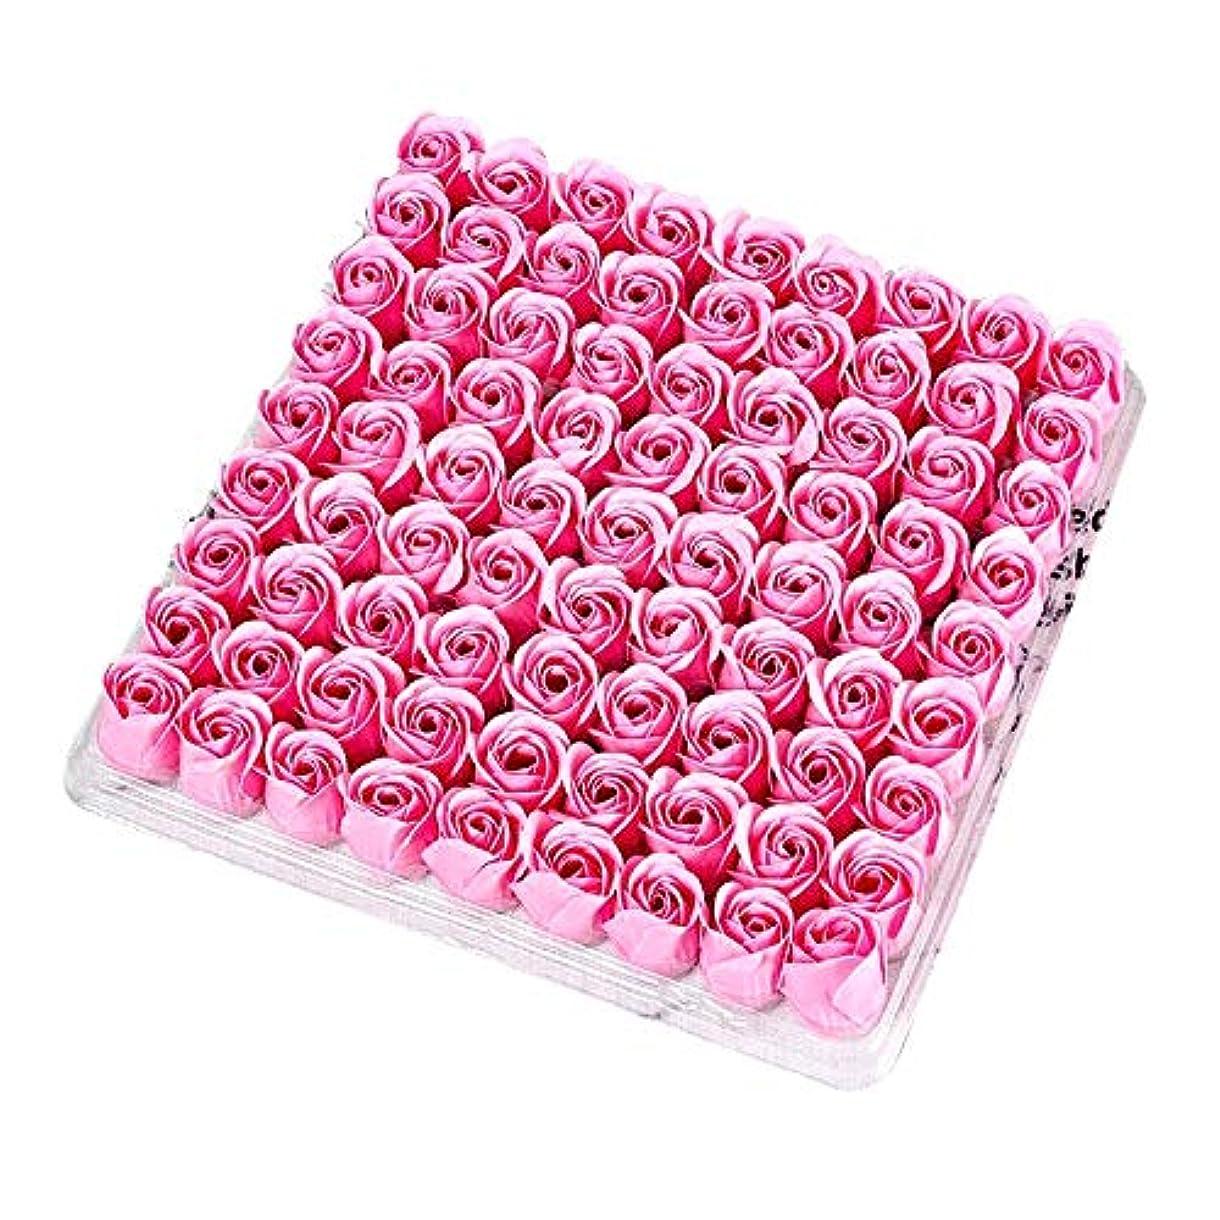 輝度神社同情的TOOGOO 81個の薔薇、バス ボディ フラワー?フローラルの石けん 香りのよいローズフラワー エッセンシャルオイル フローラルのお客様への石鹸 ウェディング、パーティー、バレンタインデーの贈り物、ピンク